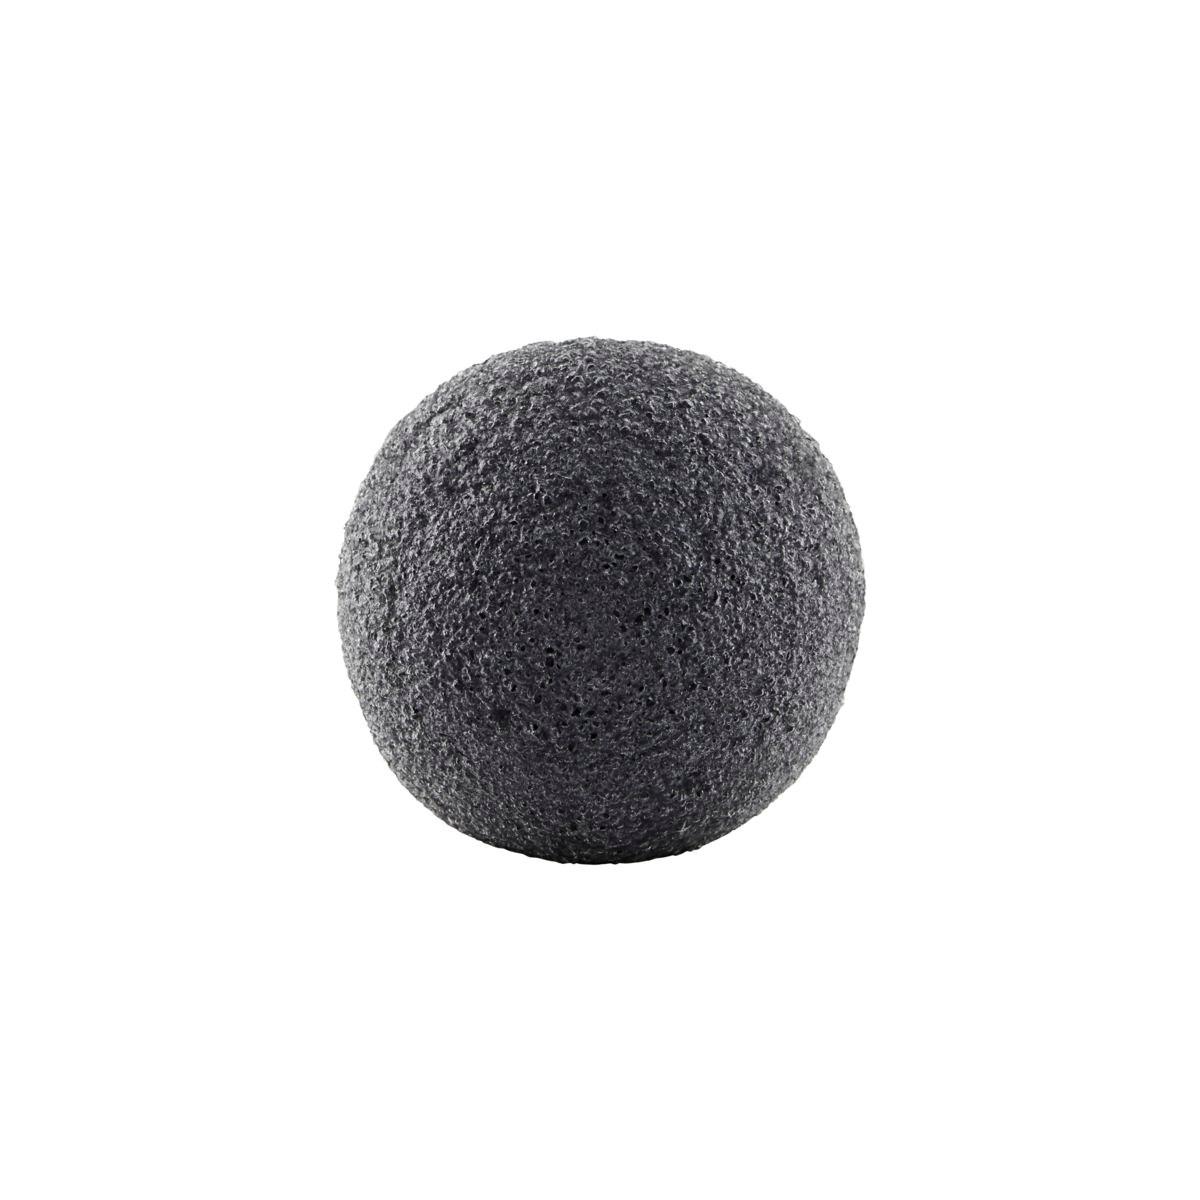 Mycí houba KONJAC černá_0